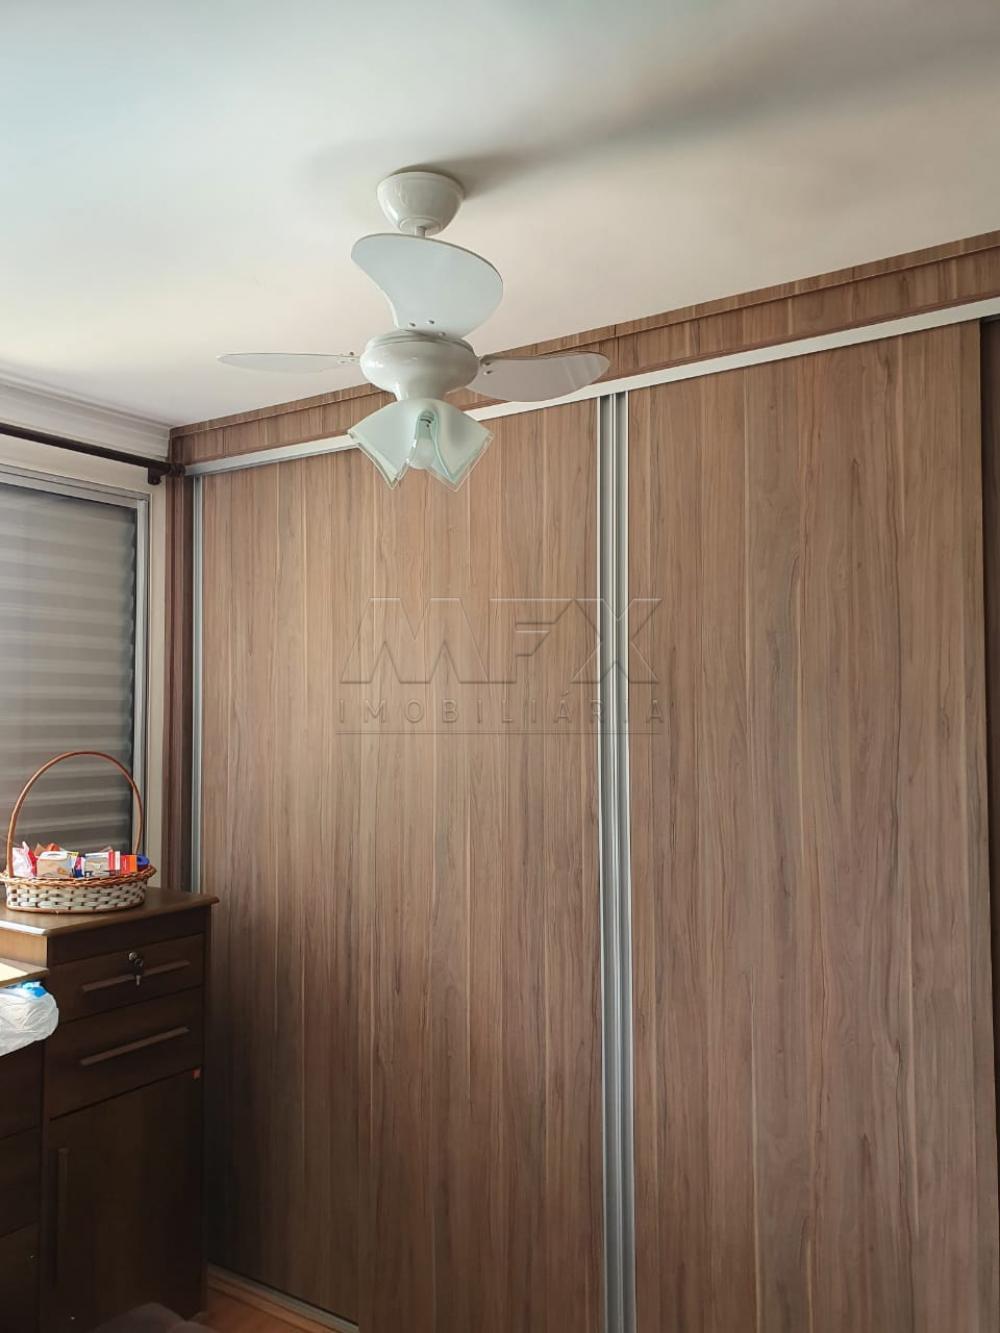 Alugar Apartamento / Padrão em Bauru R$ 900,00 - Foto 4